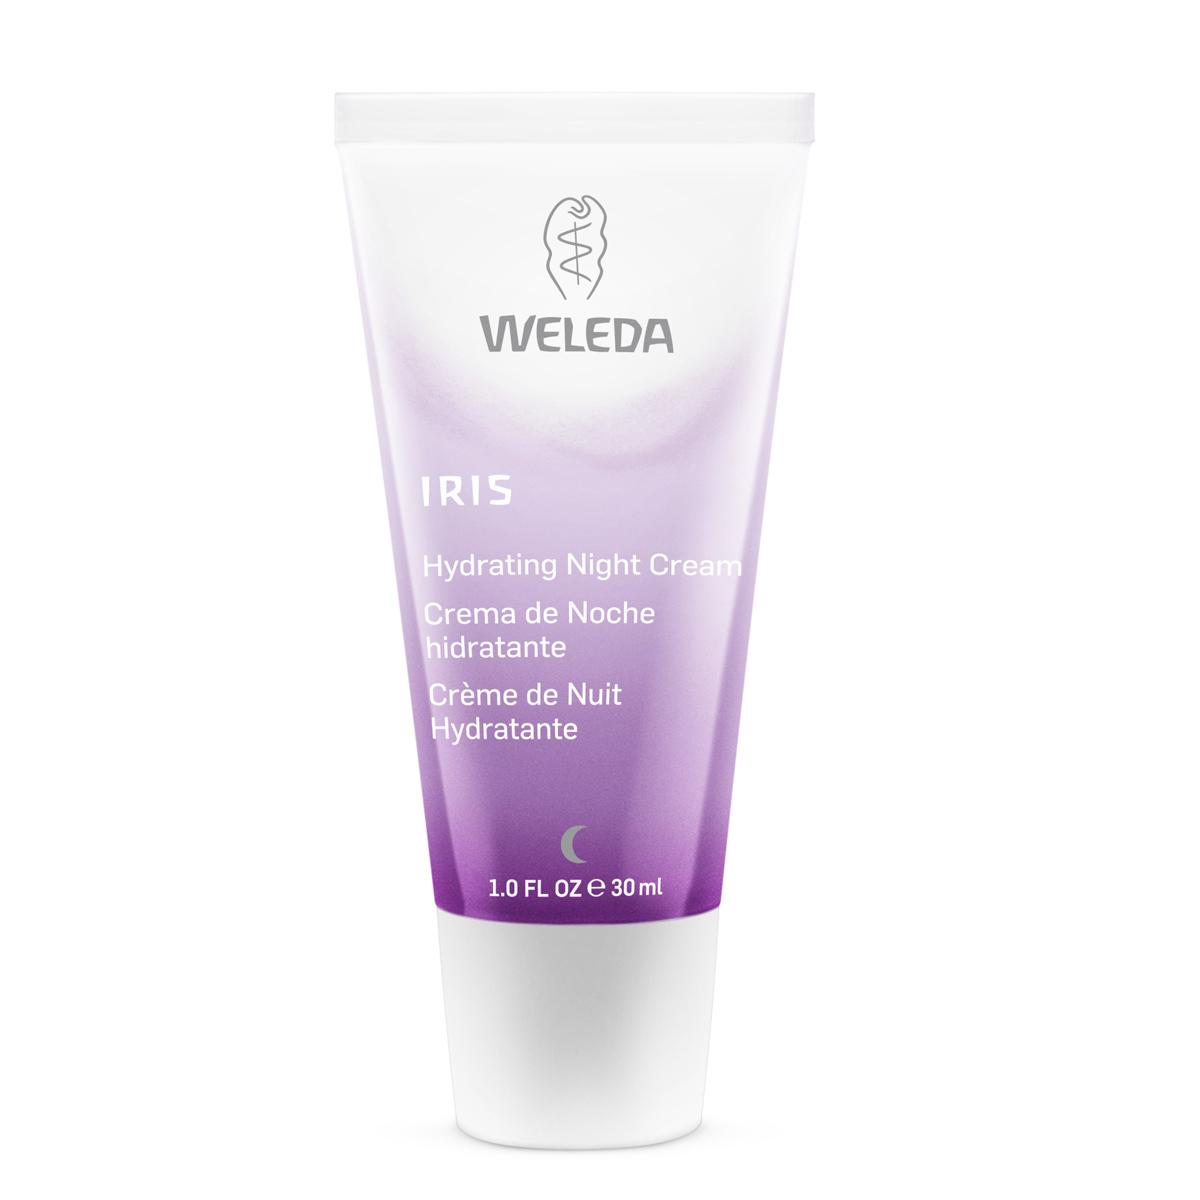 Crema de hidratante de noche con iris, de Weleda.